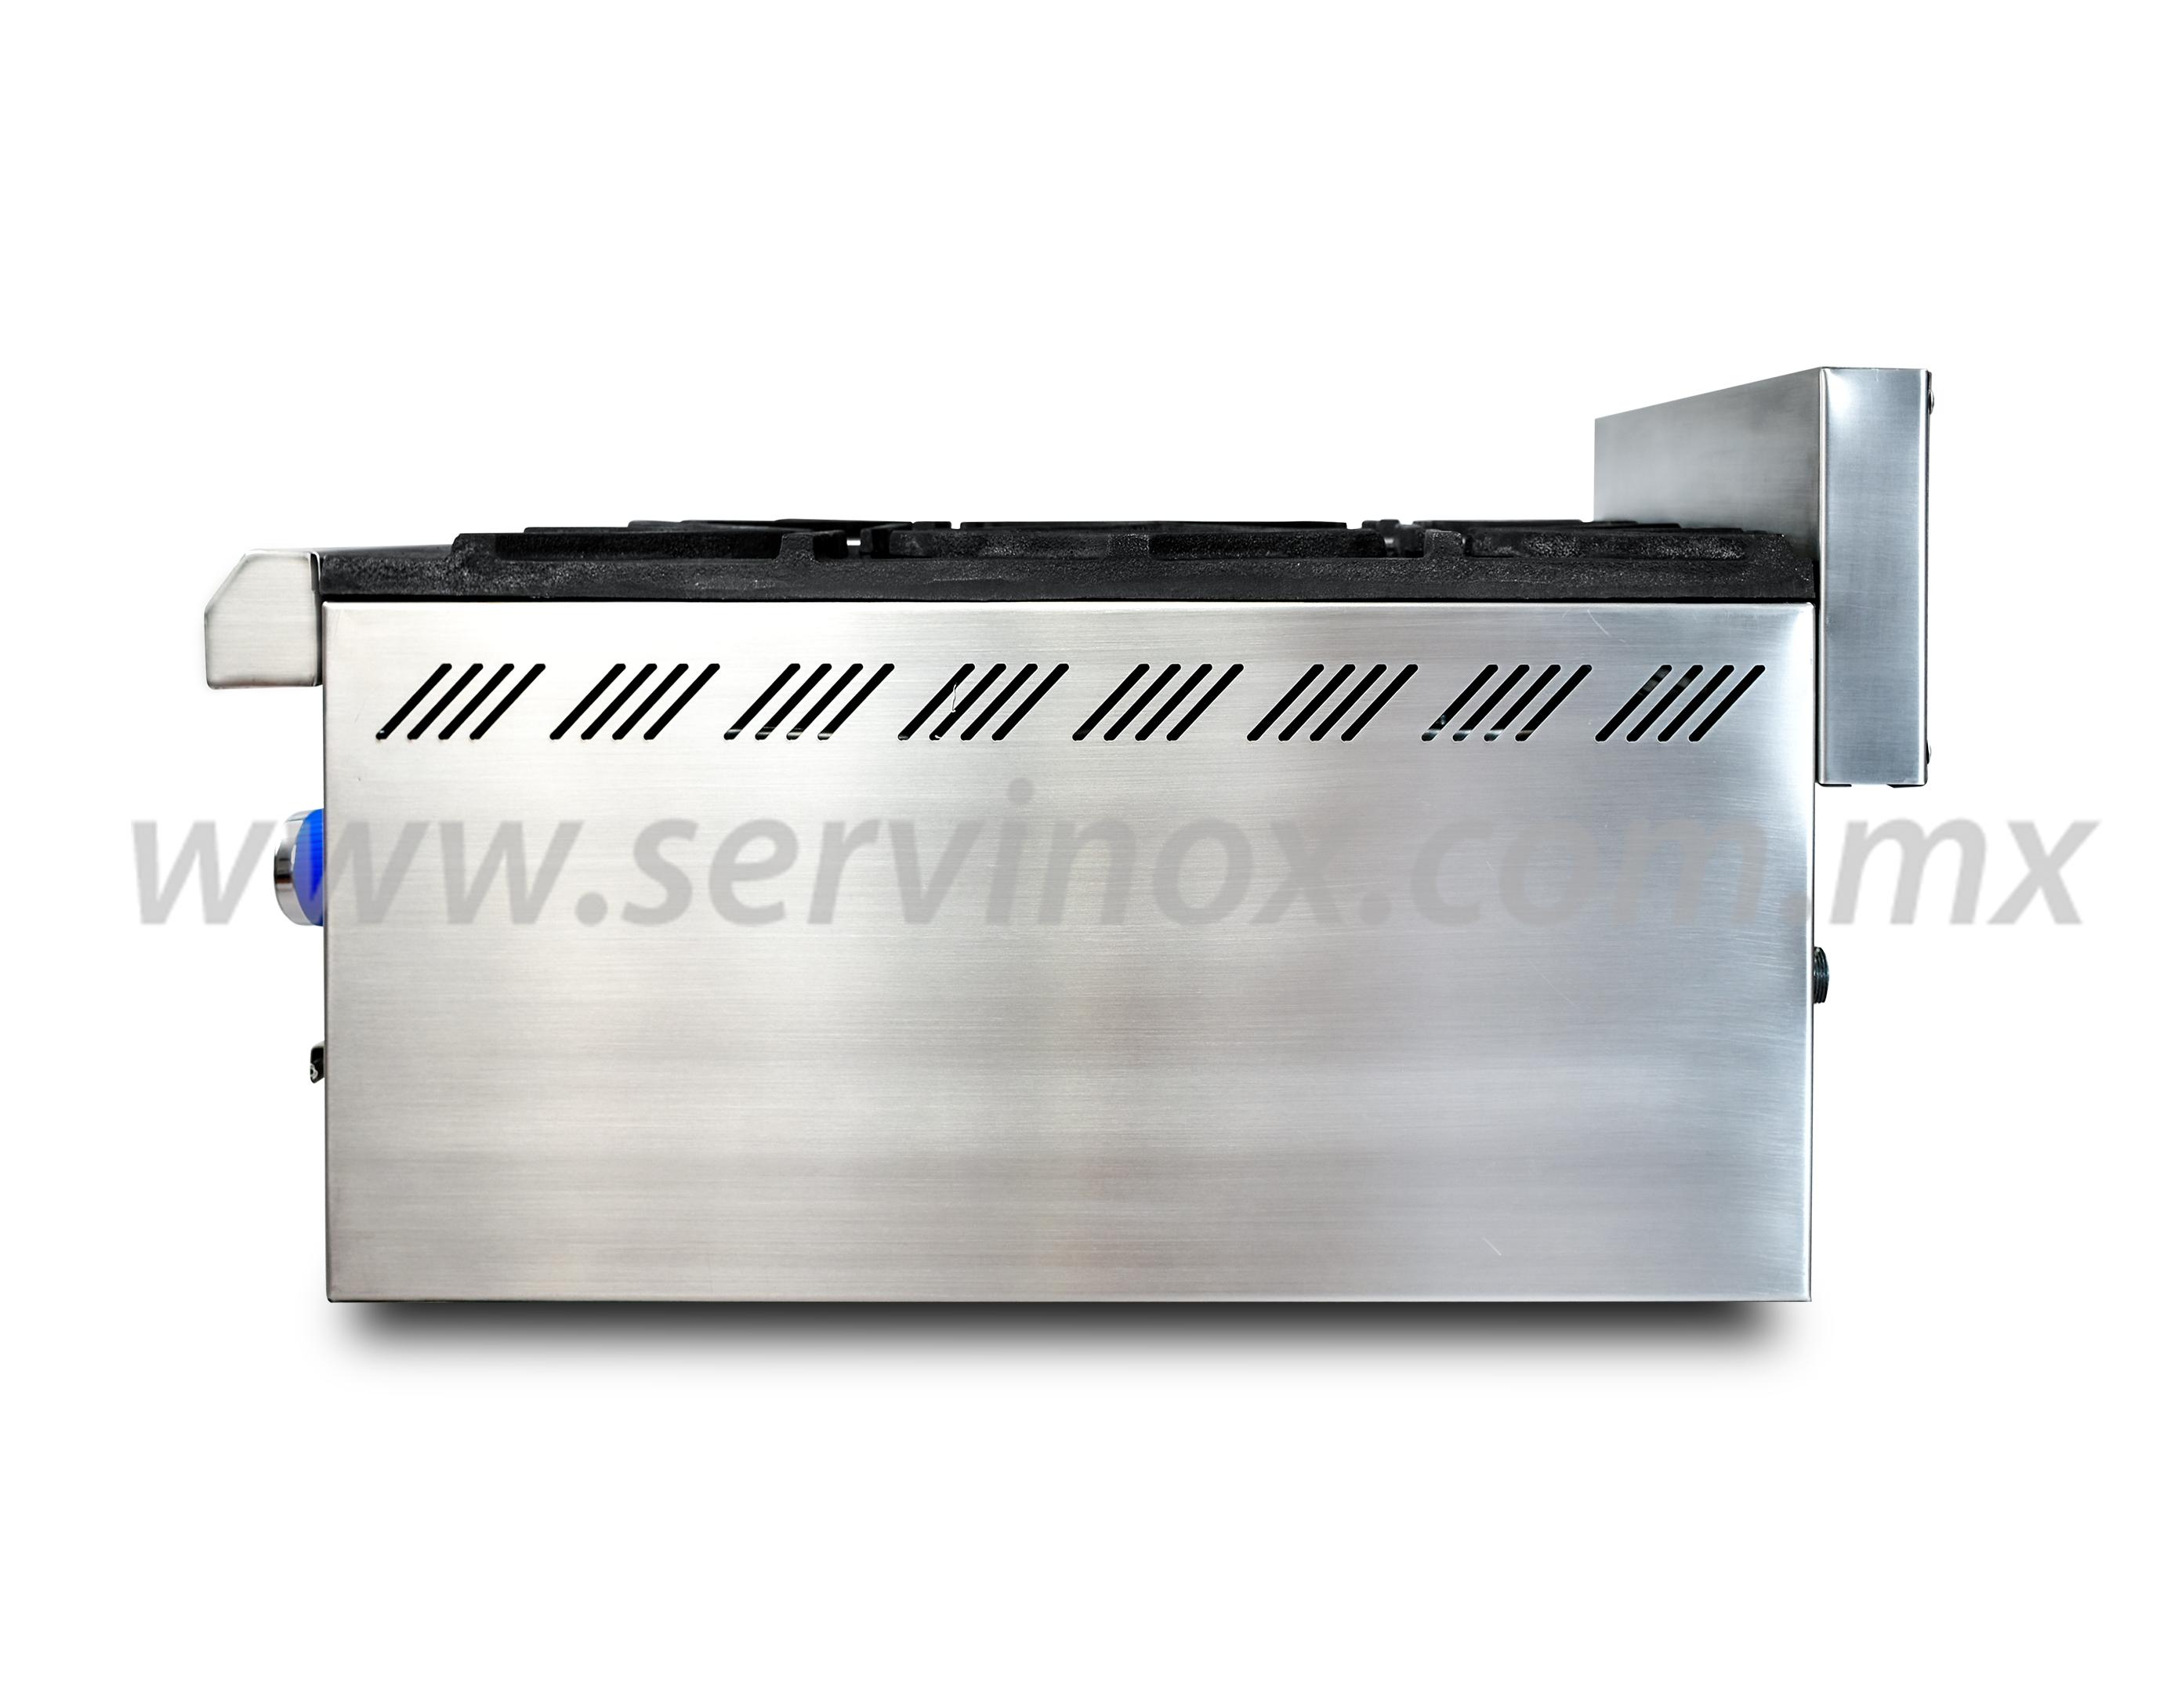 Parrilla Premium de 4 Quemadores Servinox PP4Q70 3